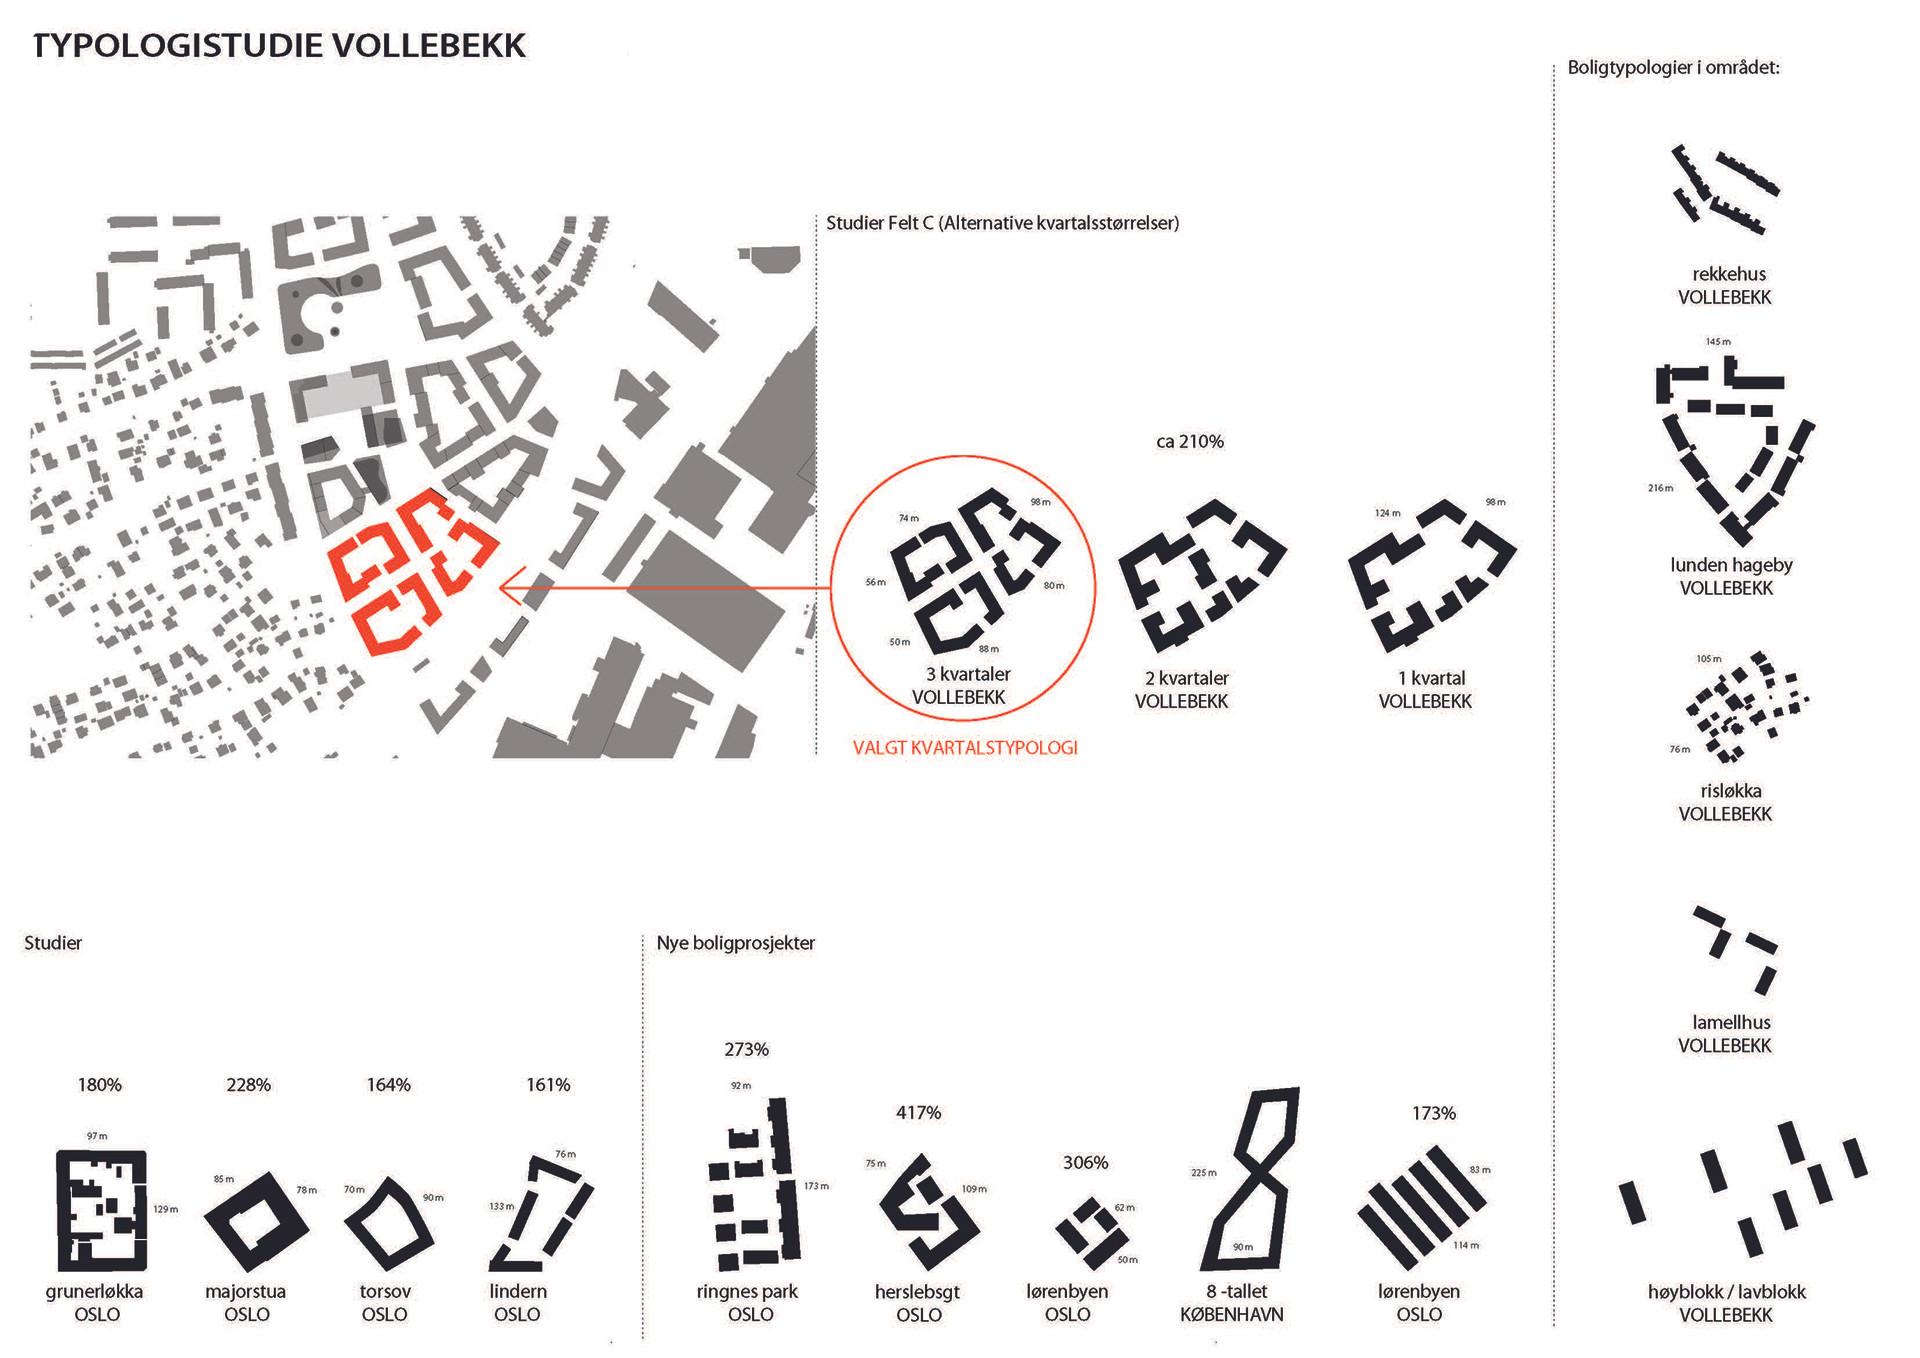 VB_kvartaler.jpg